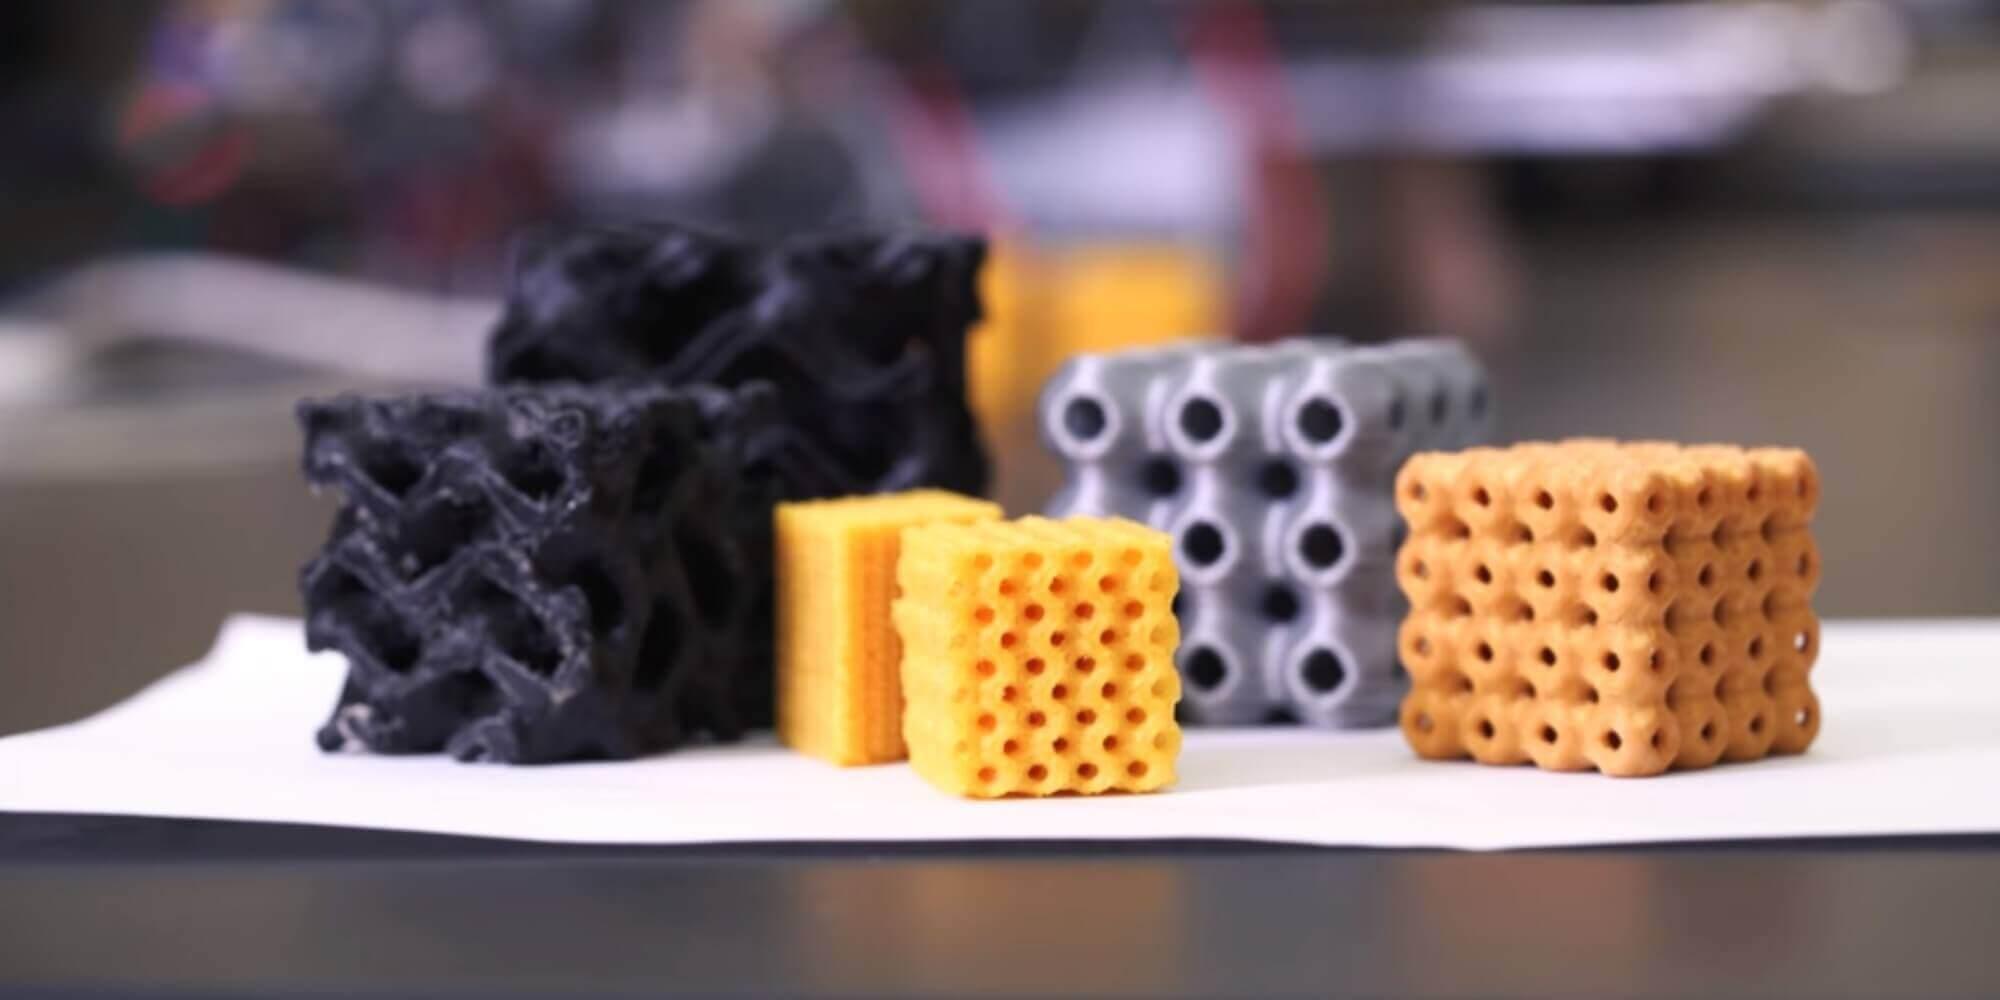 Forscher verwandeln jahrhundertealte Theorie per 3D-Druck in Schwarzite